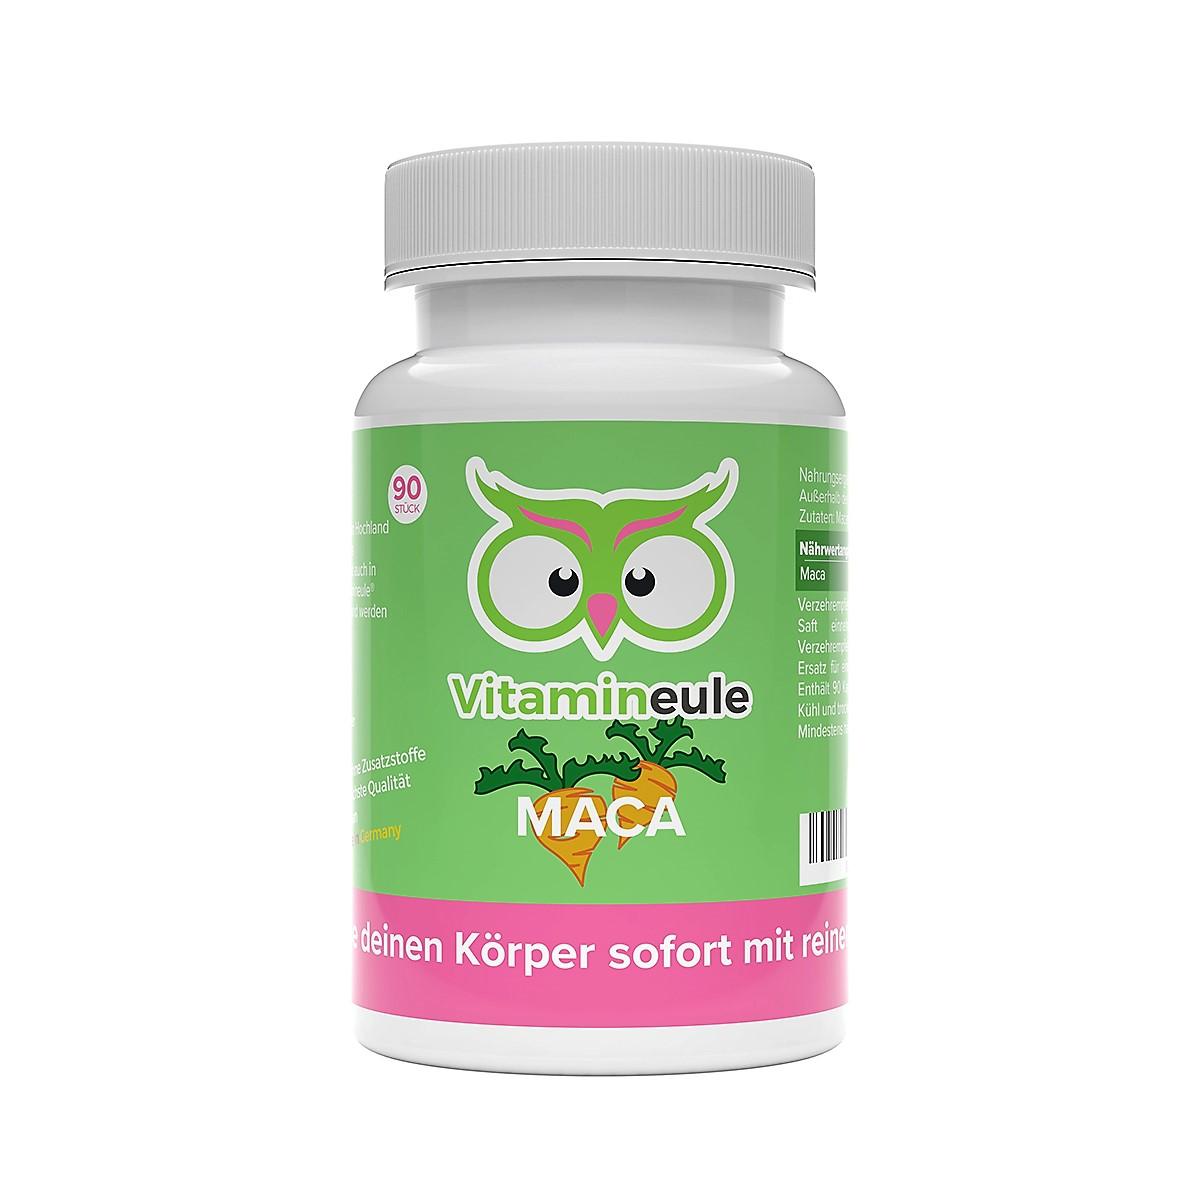 Maca Kapseln von Vitamineule